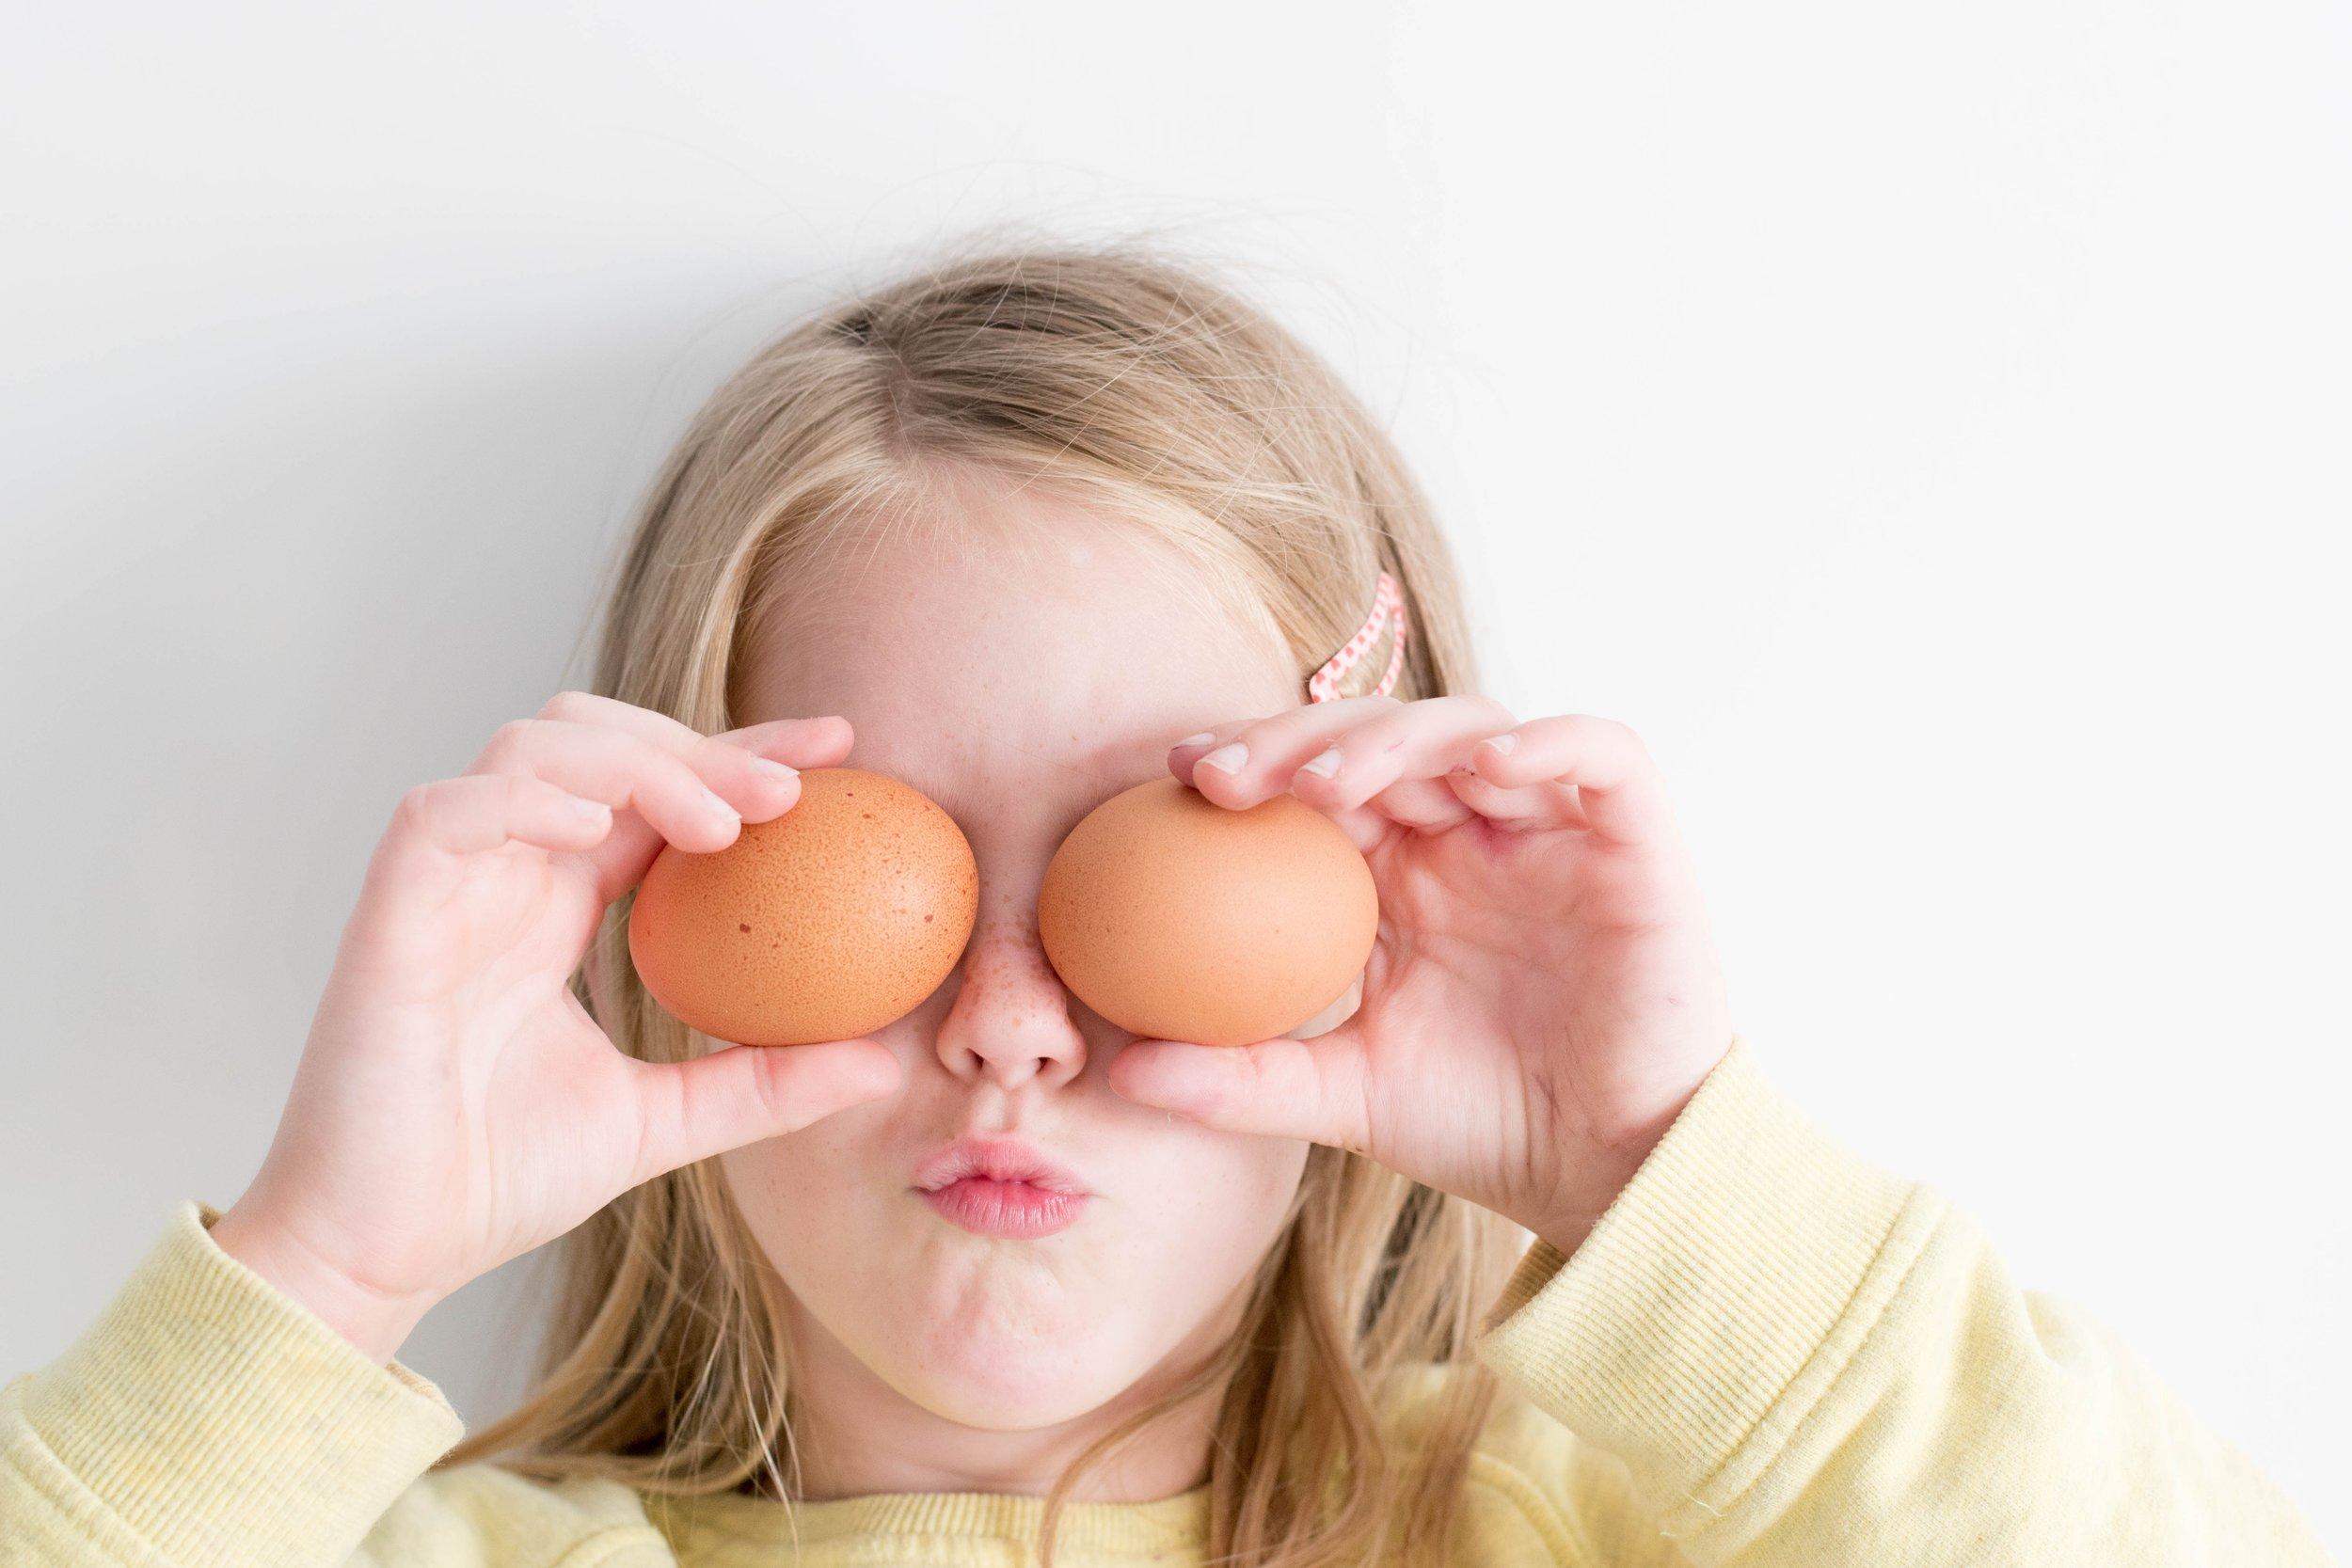 girl with eggs in eyes.jpg